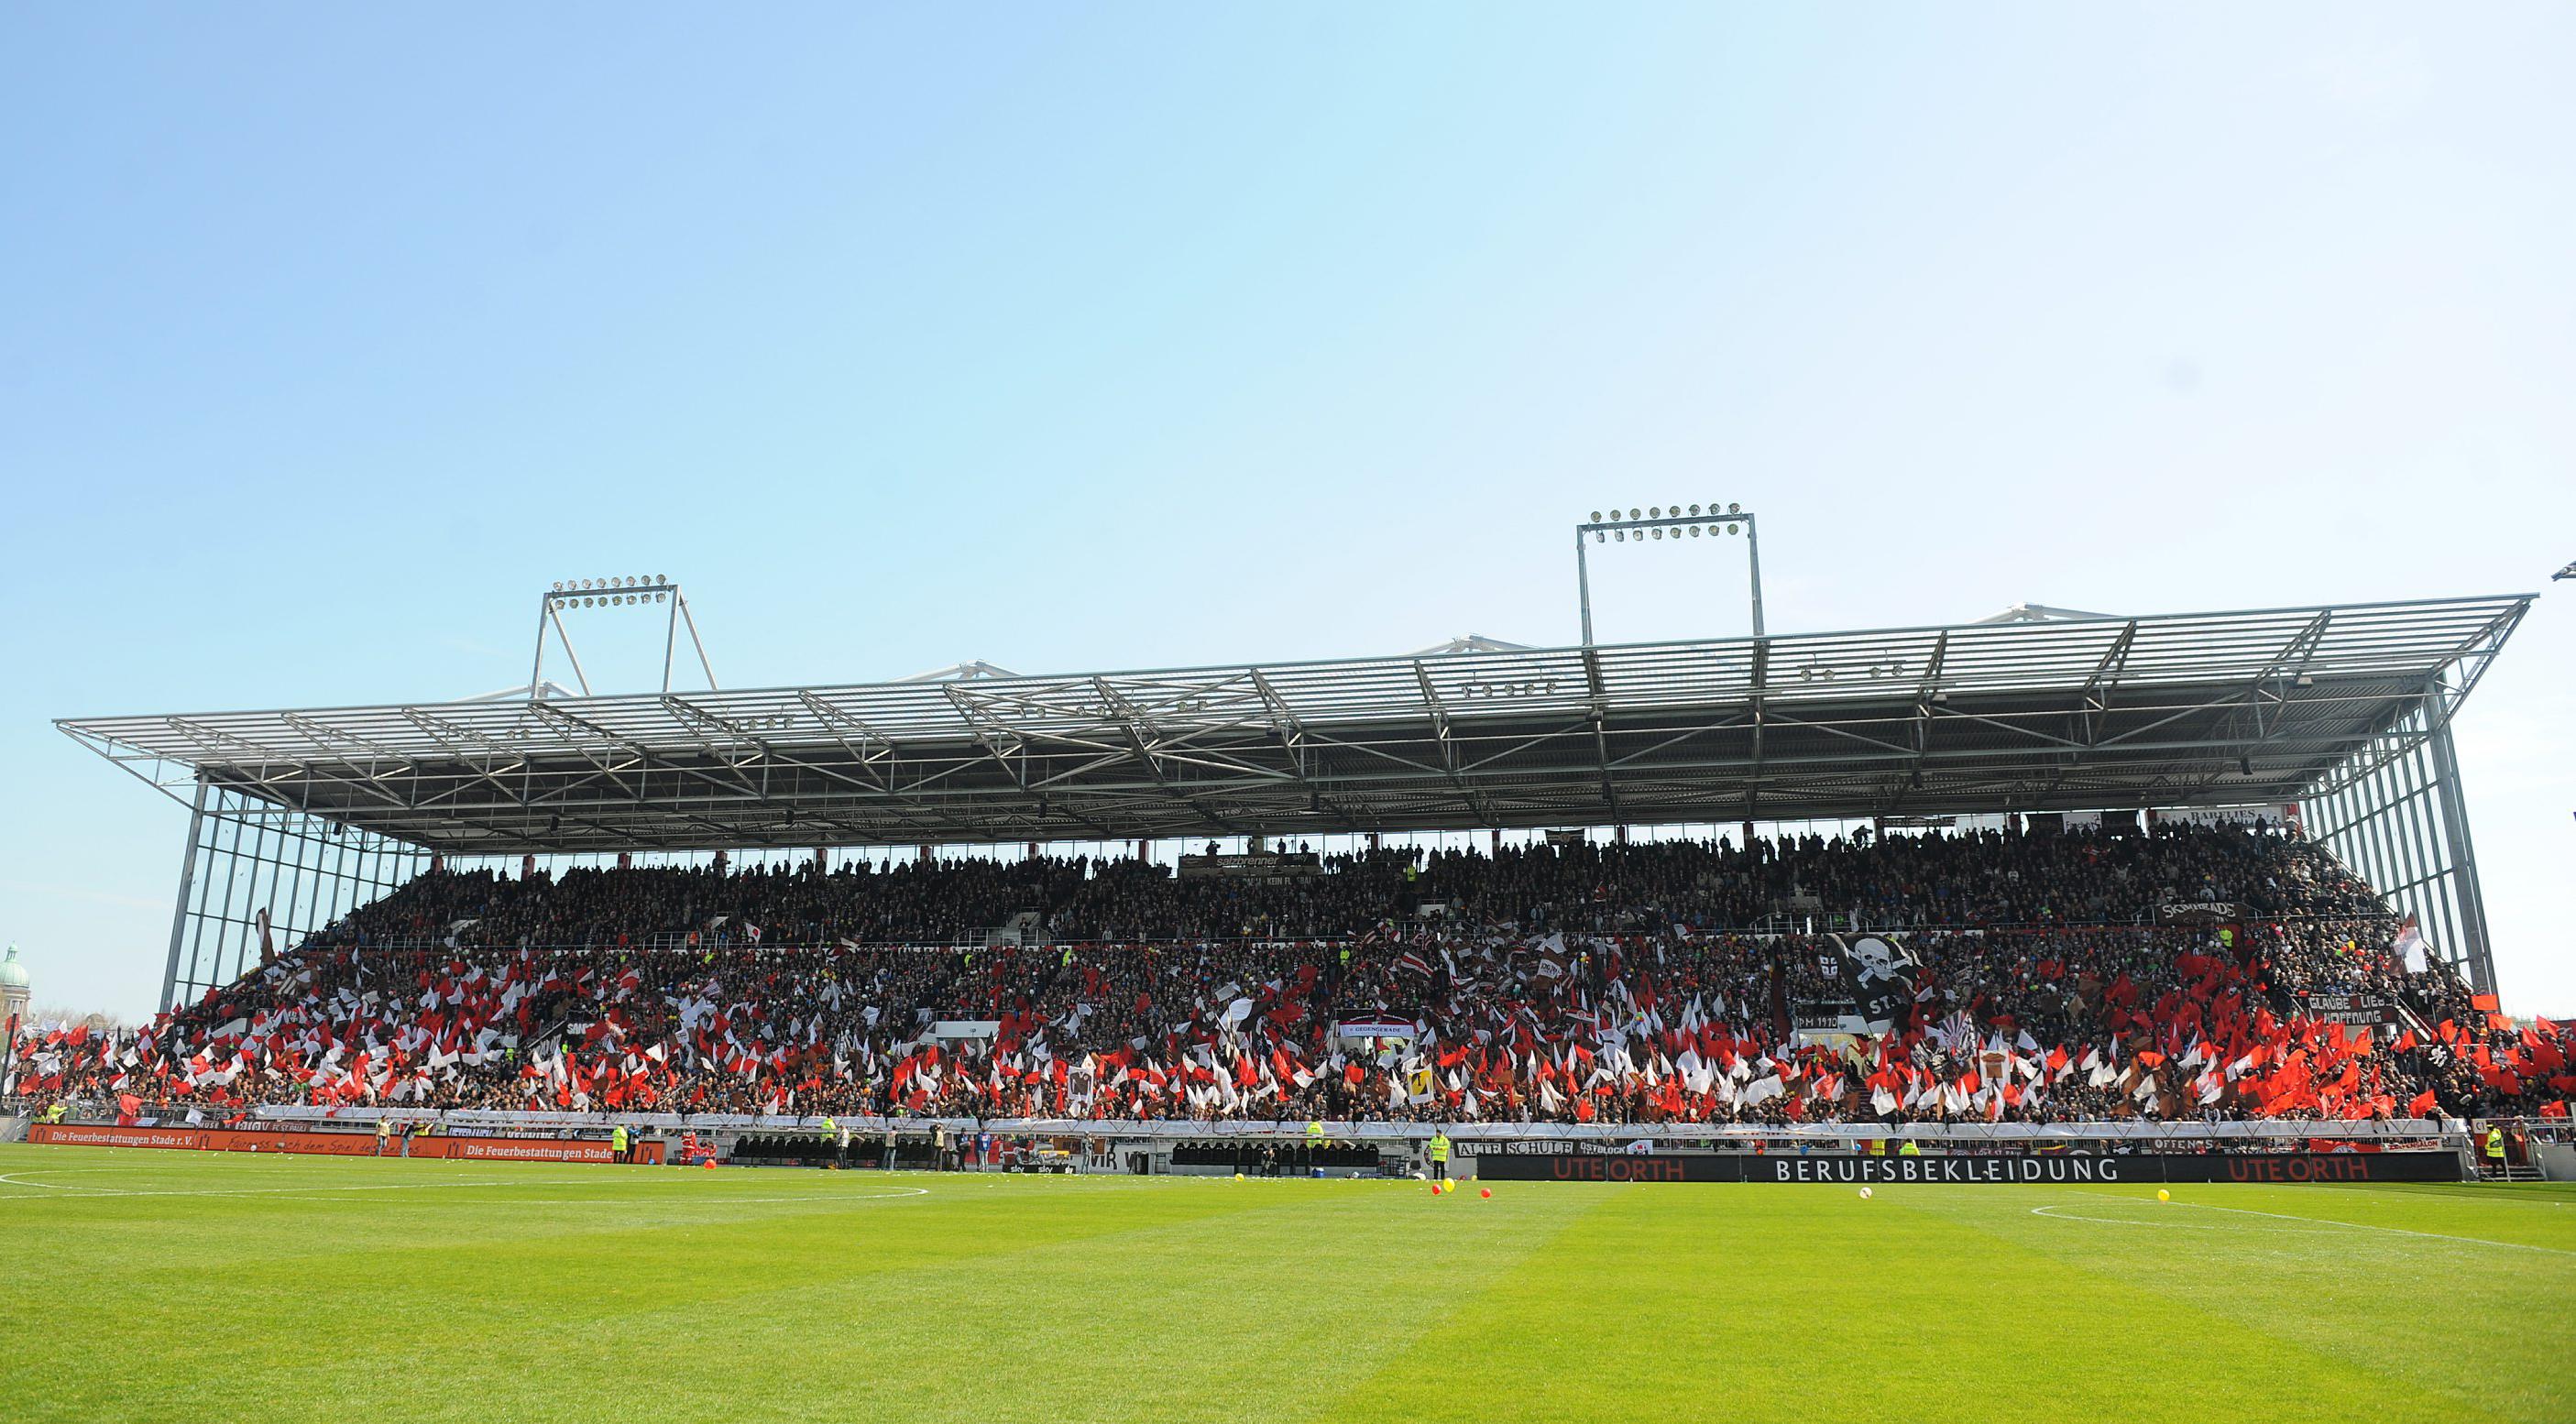 Bereits 14.000 Tickets für Testspiel gegen Werder Bremen verkauft